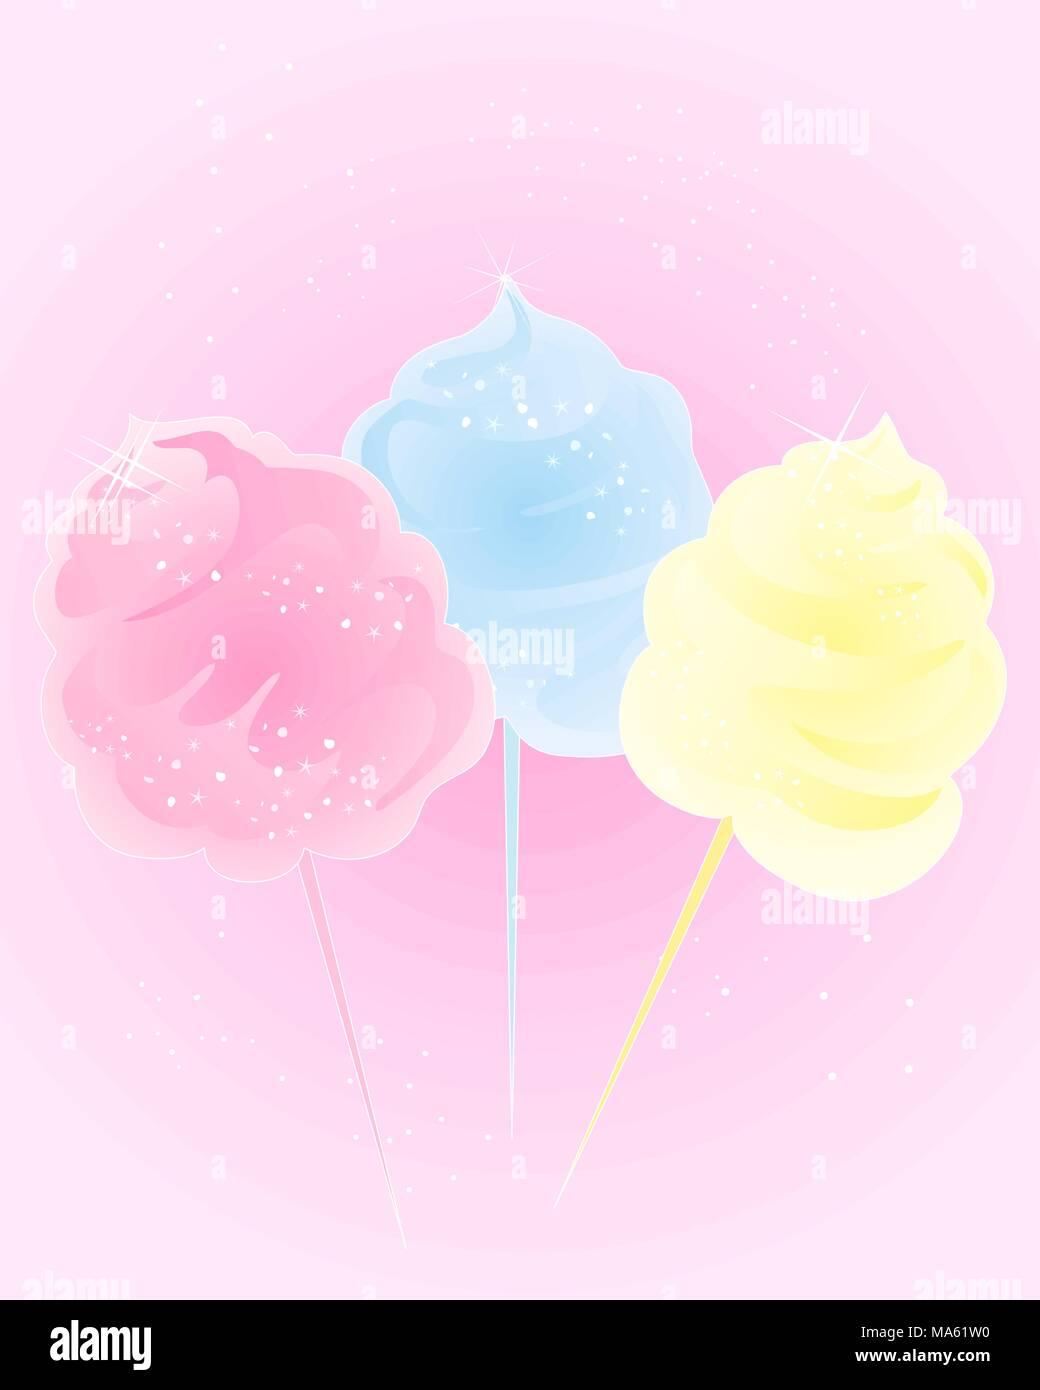 Una illustrazione vettoriale in formato eps formato 10 di cotone colorato candy in Rosa blu e giallo con brillantini e stanza per il testo su sfondo rosa Immagini Stock